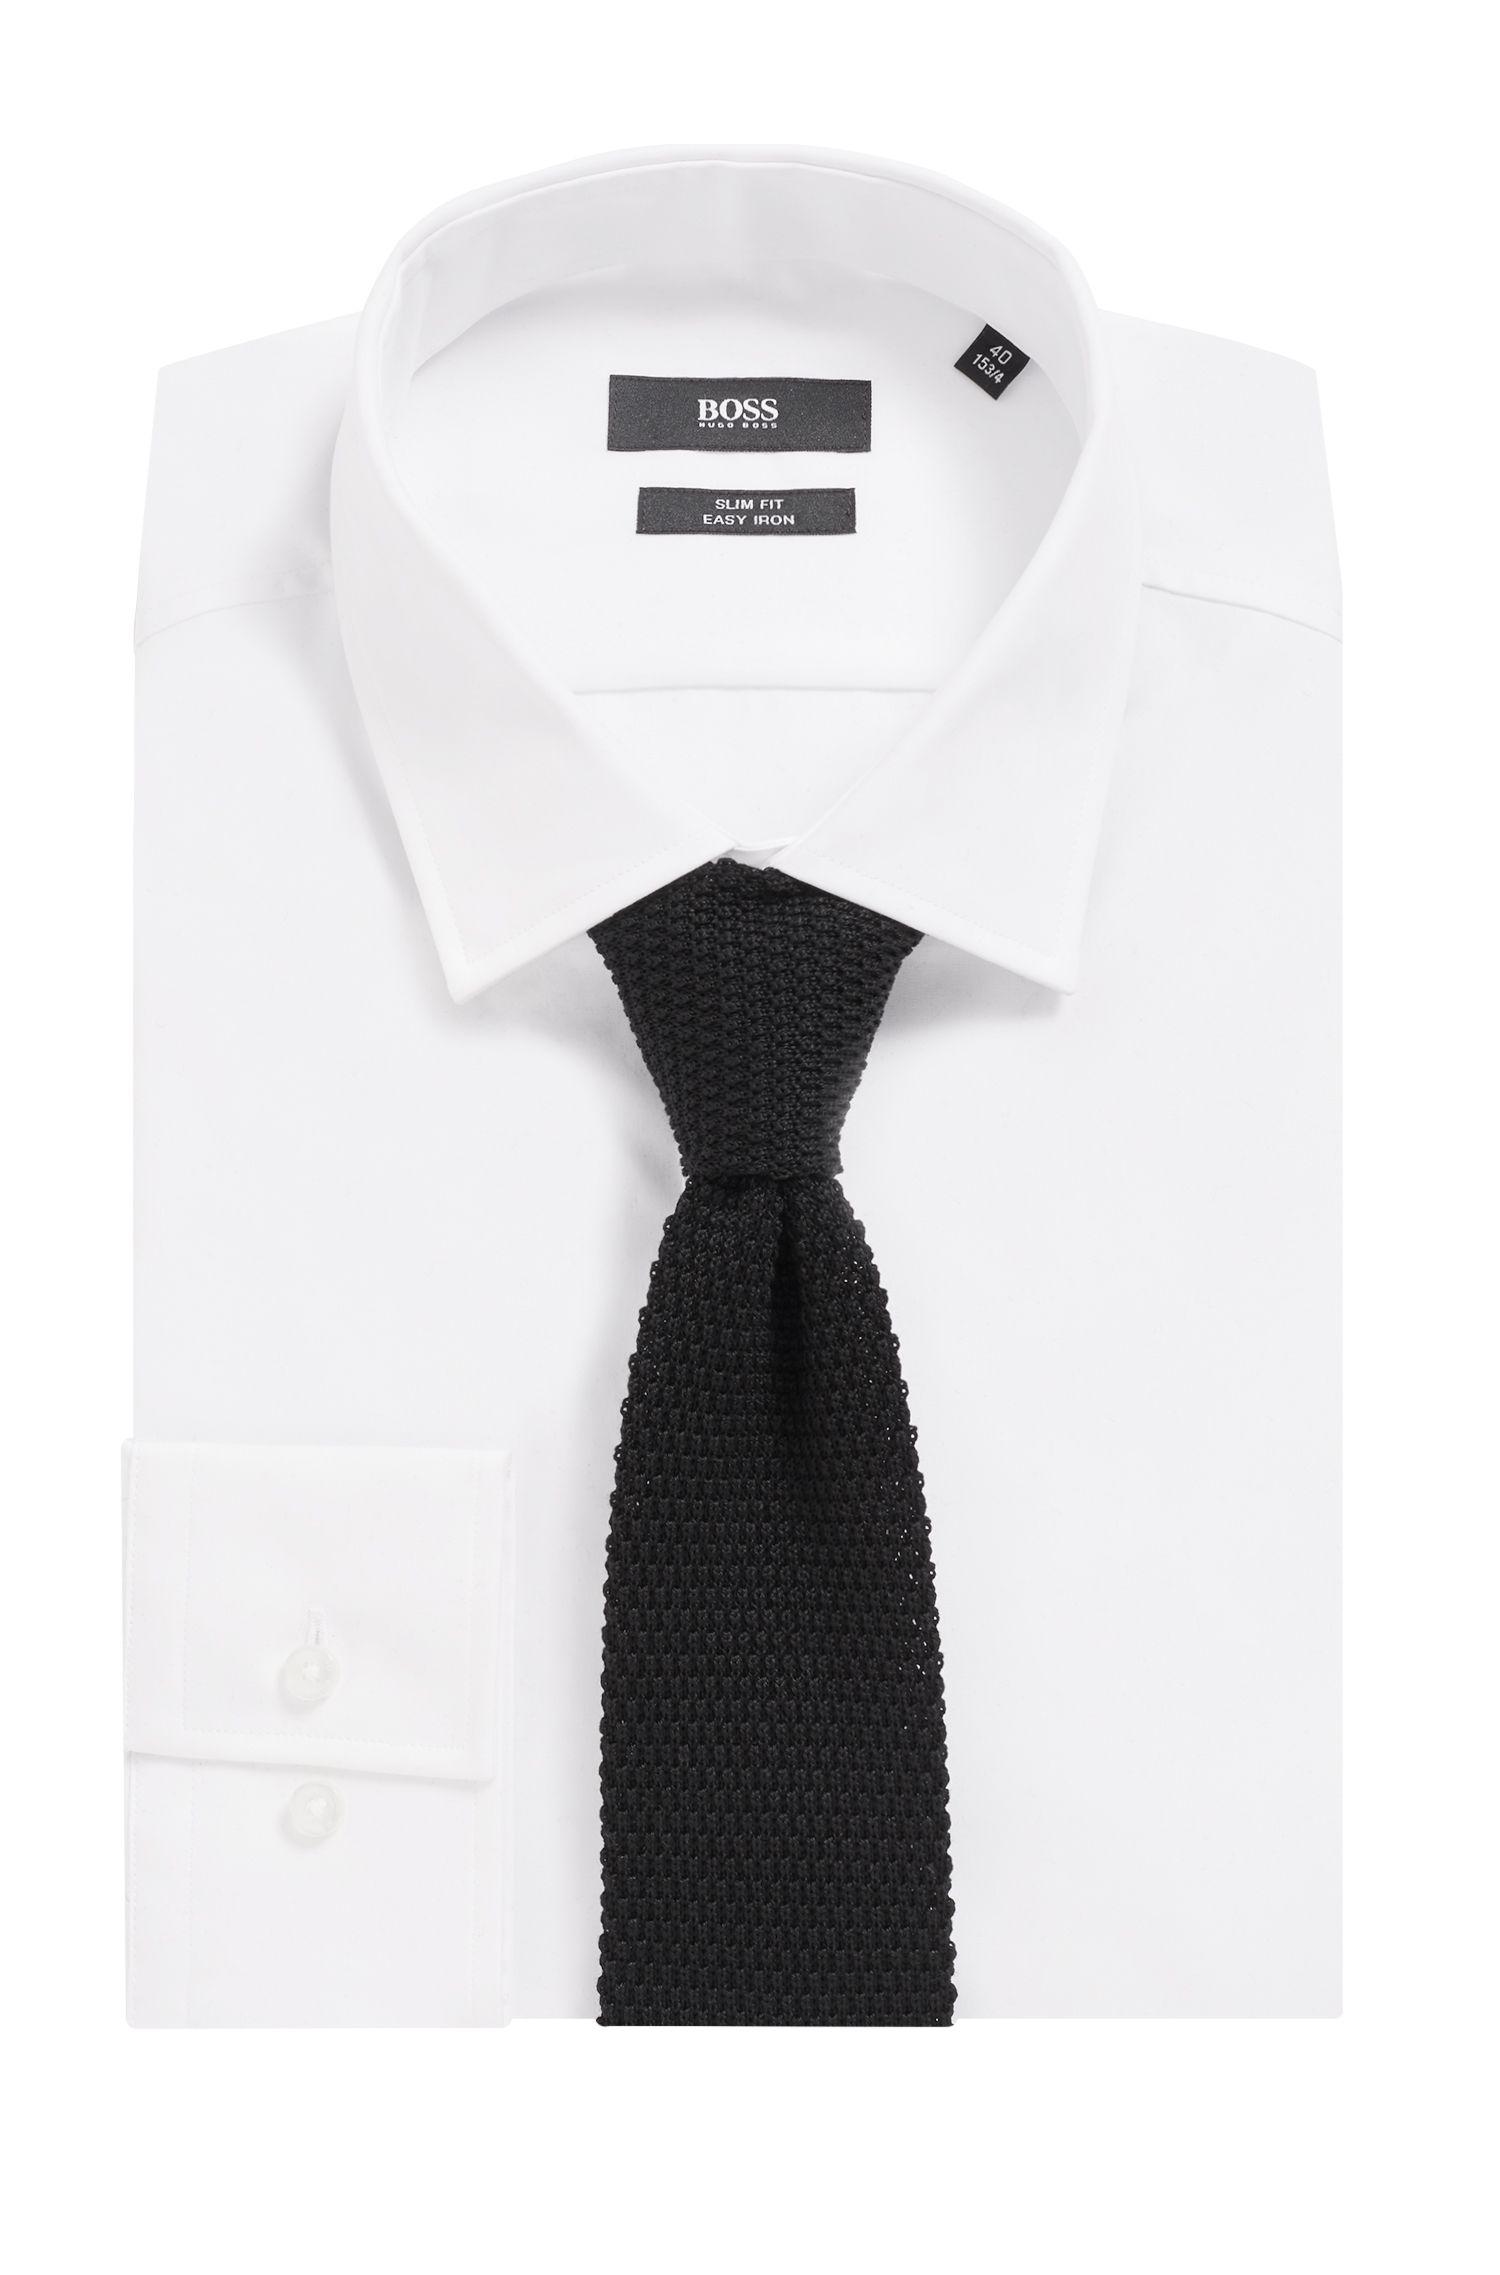 Cravate droite en maille piquée de coton, Noir